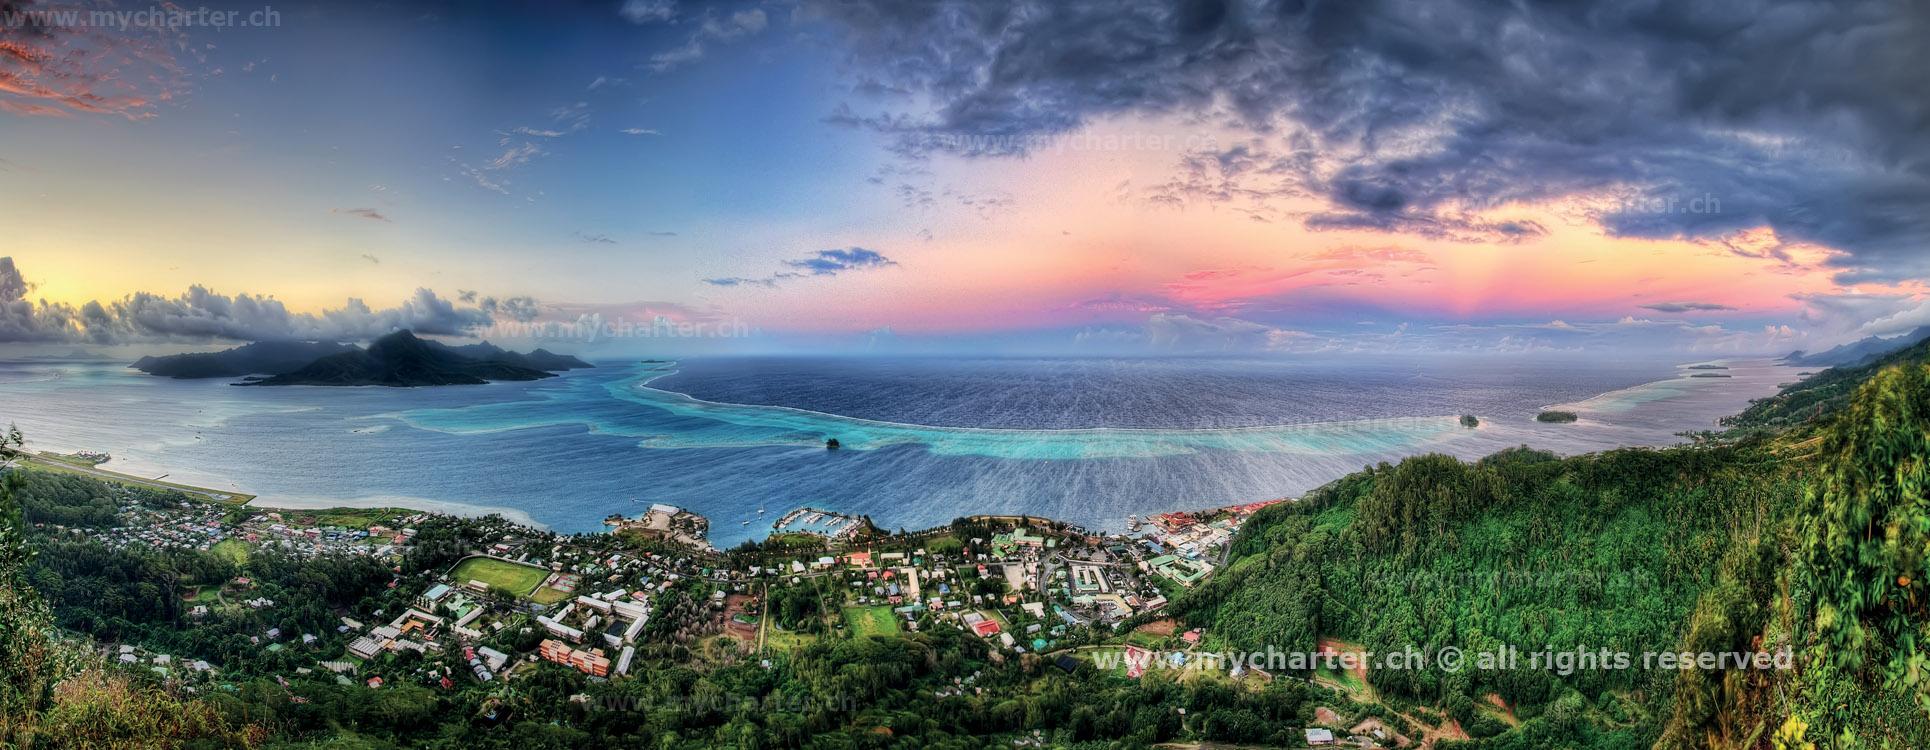 Tahiti Insel Raiatea